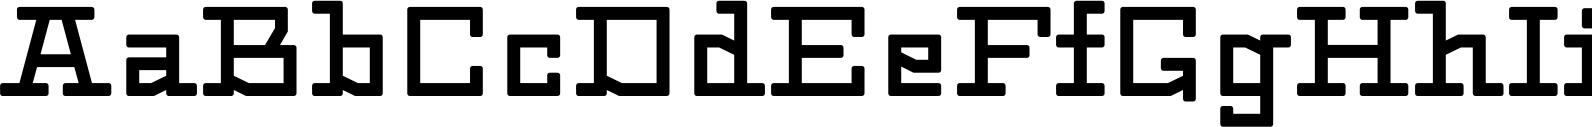 Dubster